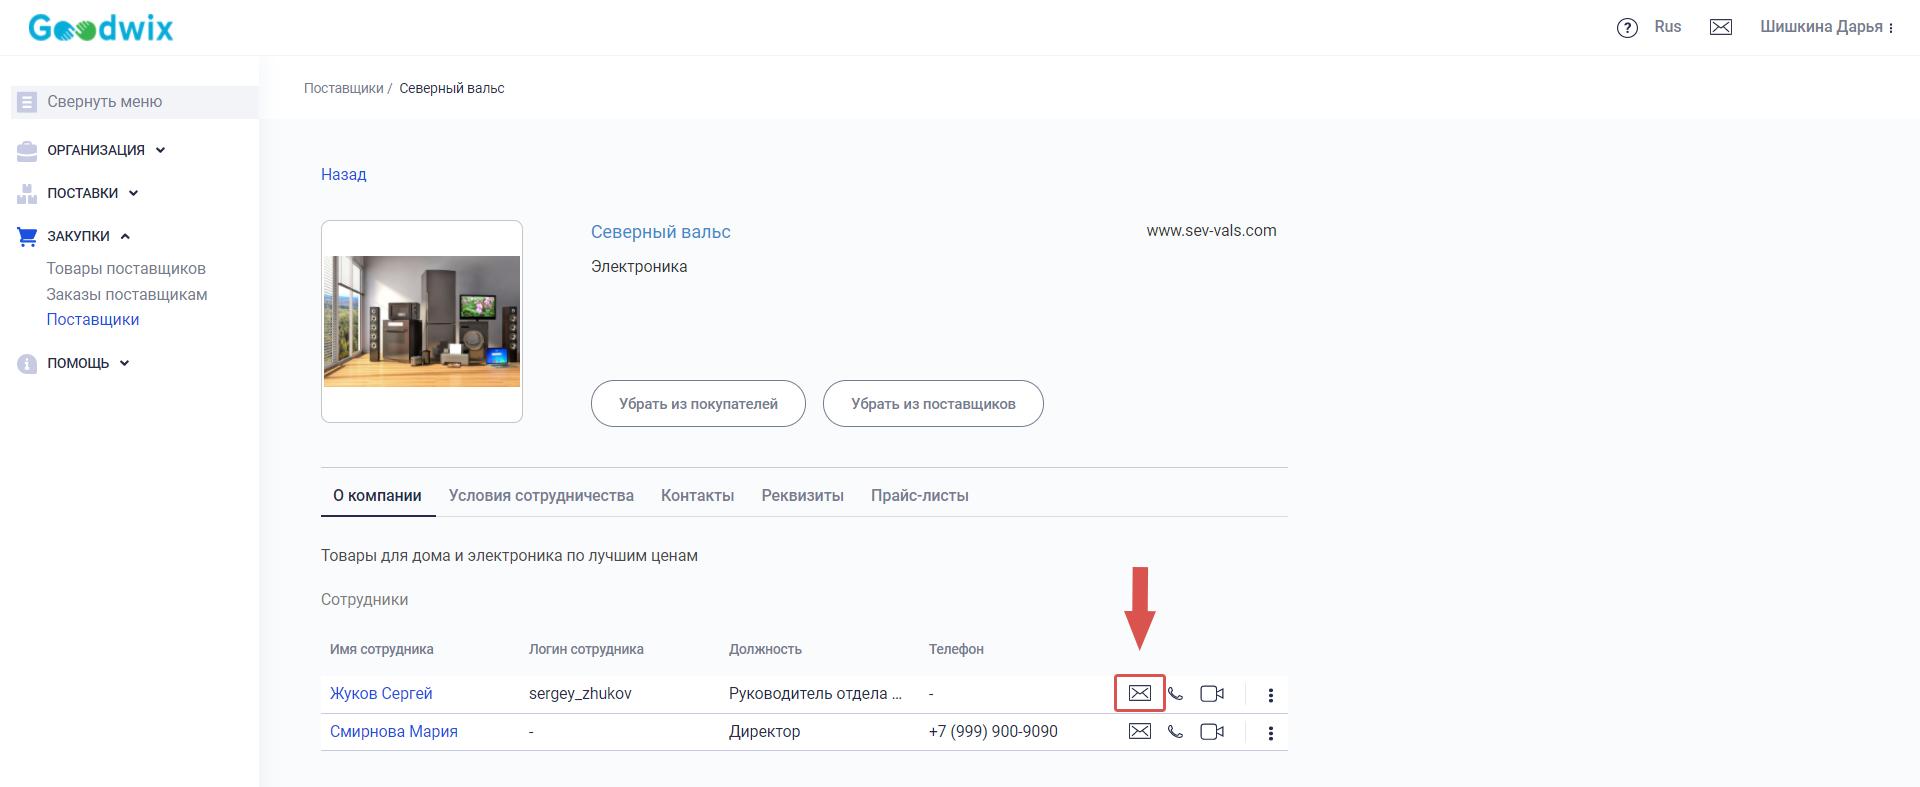 Написать пользователю в мессенджере_Руководство по работе с профилем